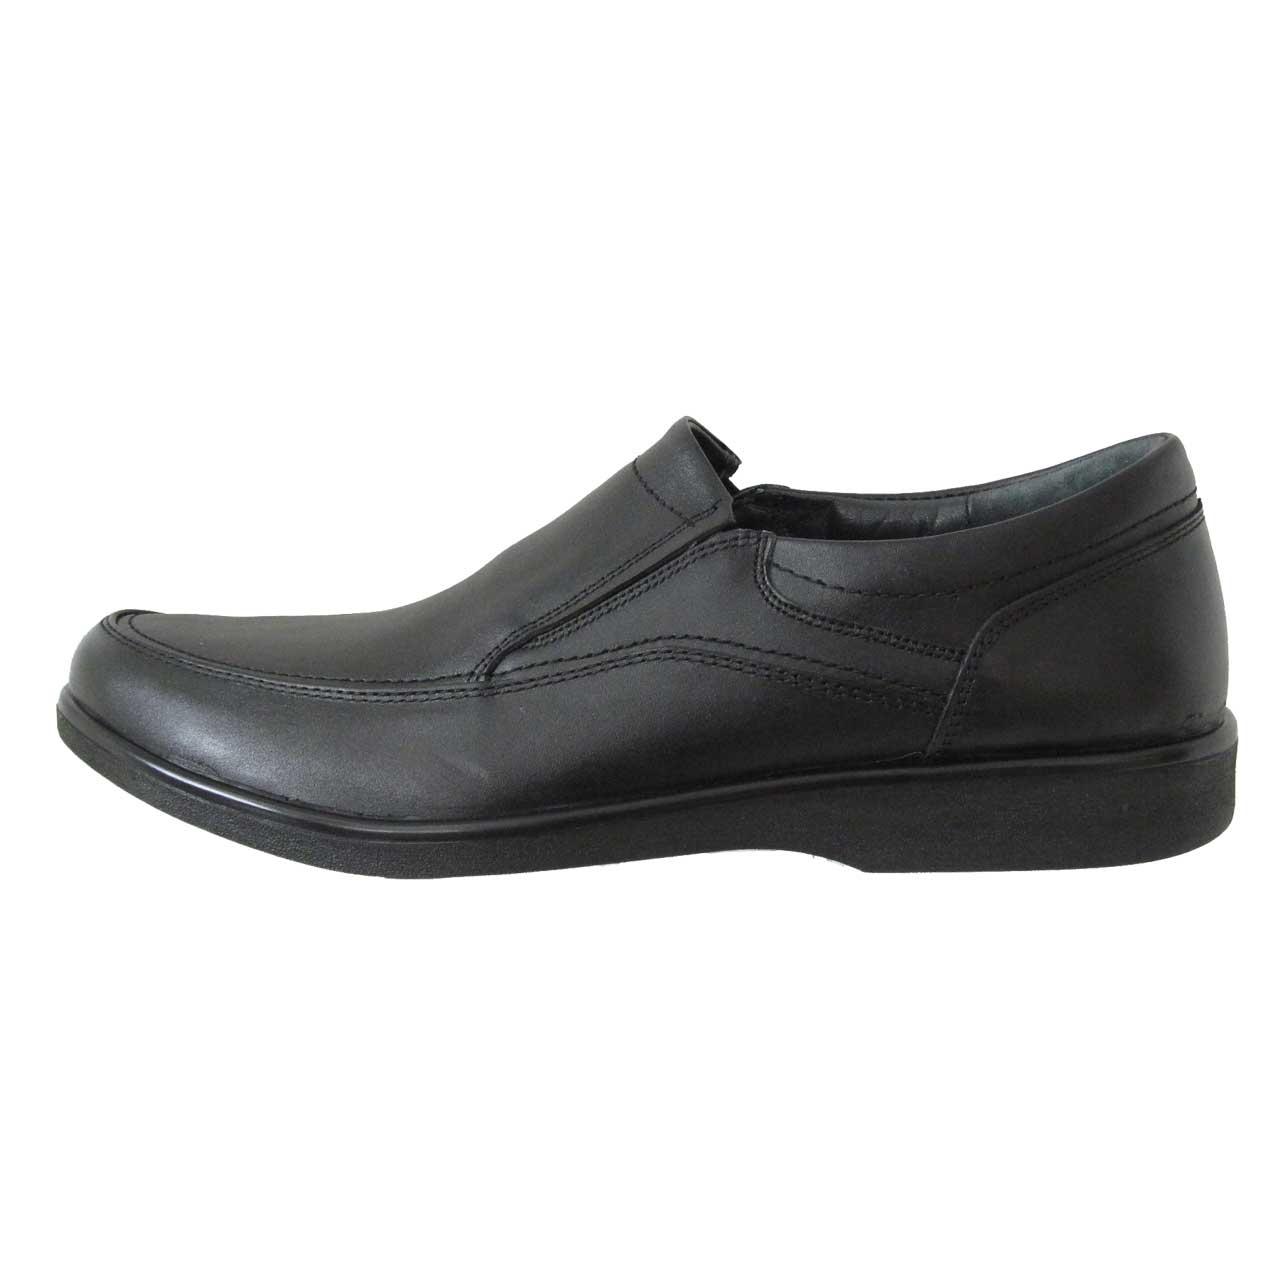 کفش مردانه فاتح مدل Delta کد ۱۲۱۲